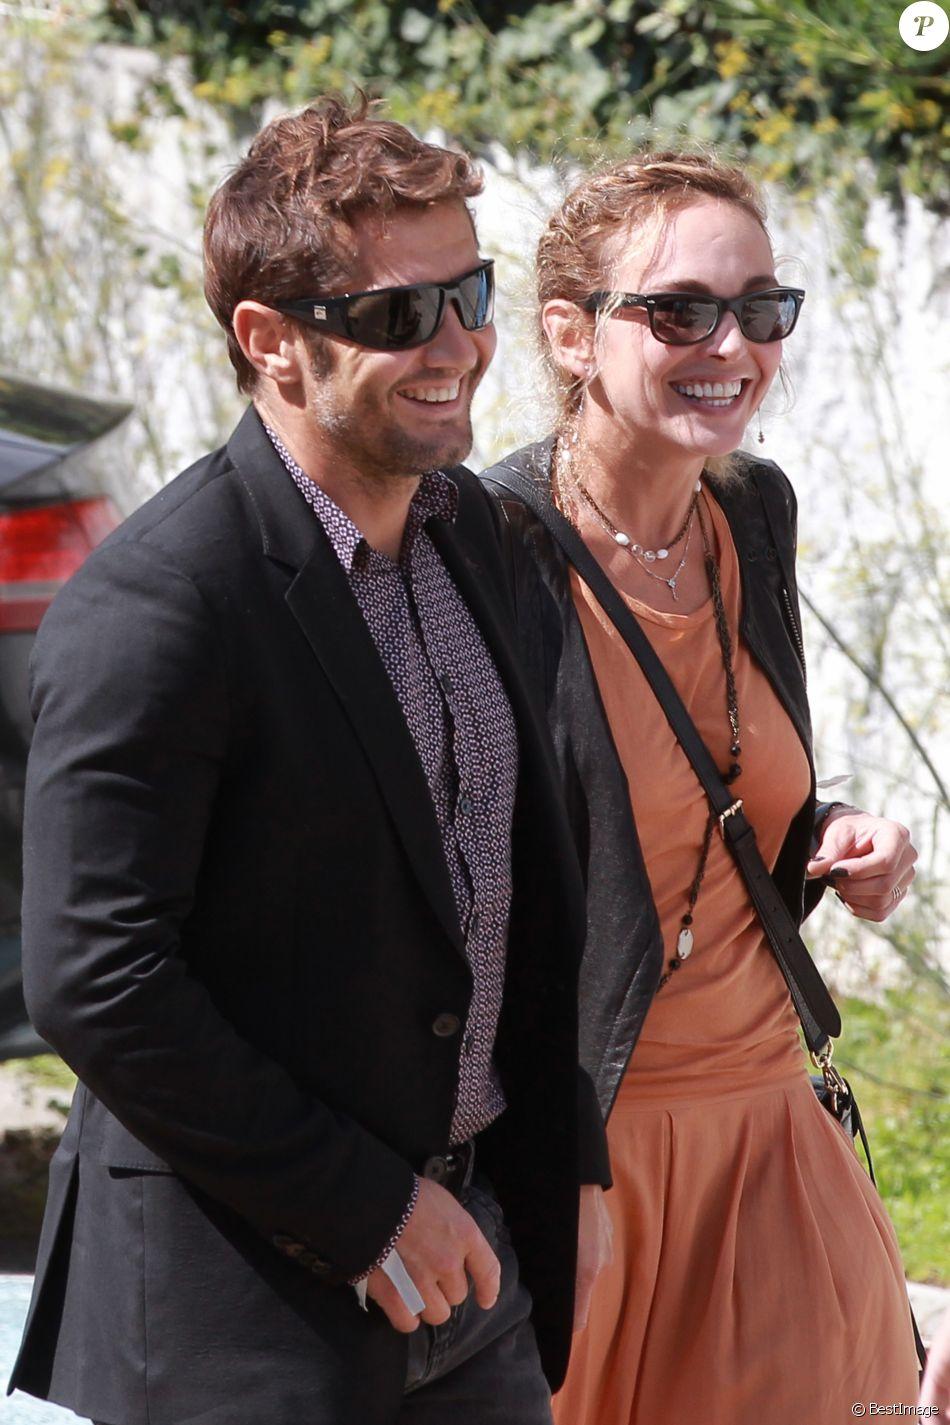 Bixente Lizarazu et Claire Keim au Cap-Ferret le 19 septembre 2015.